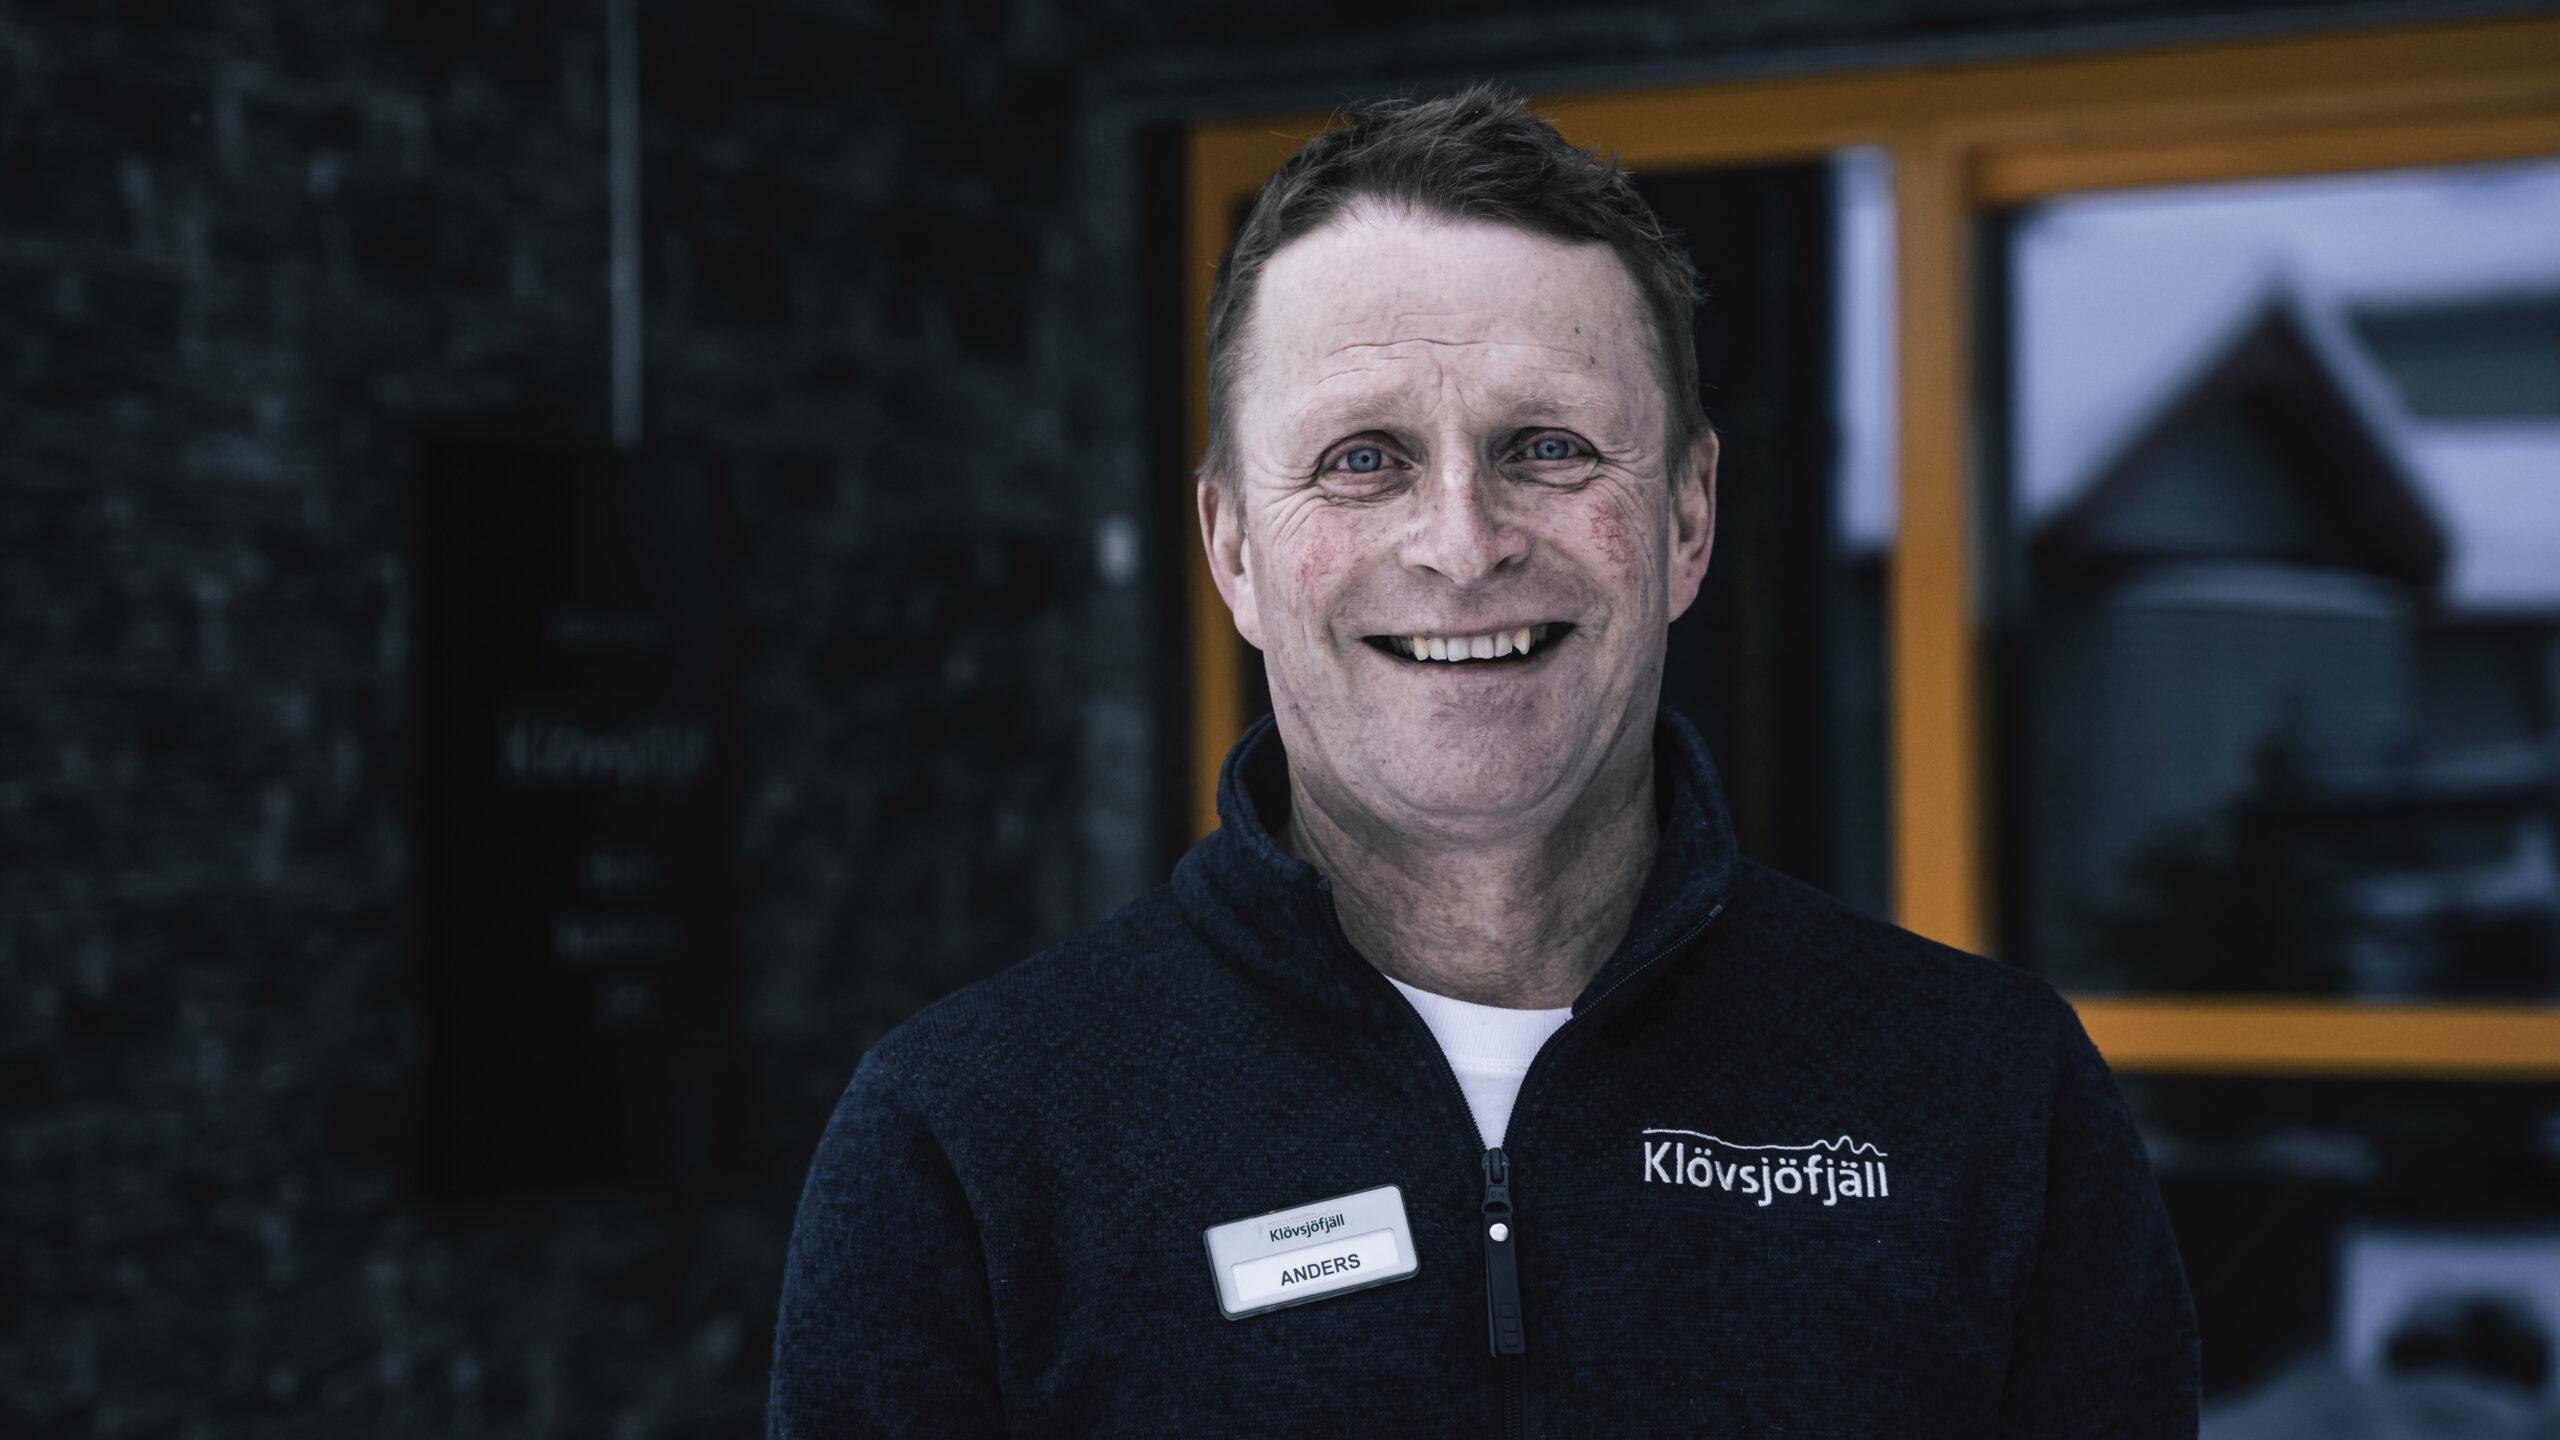 Anders Backskog Klövsjöfjäll. Foto: Mats Lind